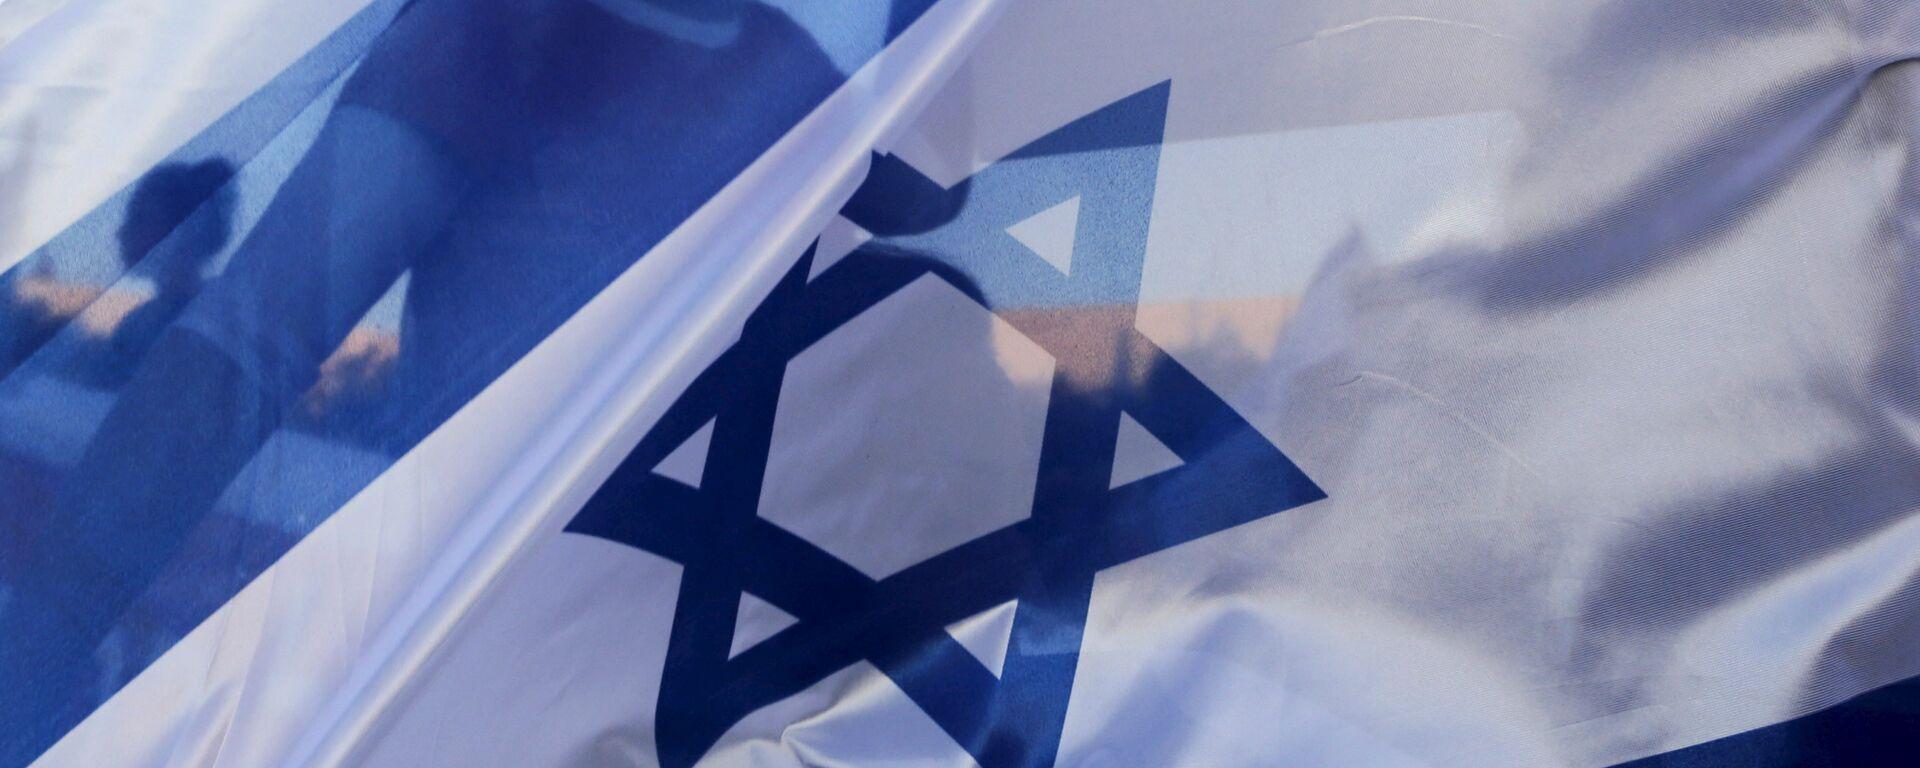 Izraelská vlajka - Sputnik Česká republika, 1920, 13.05.2021